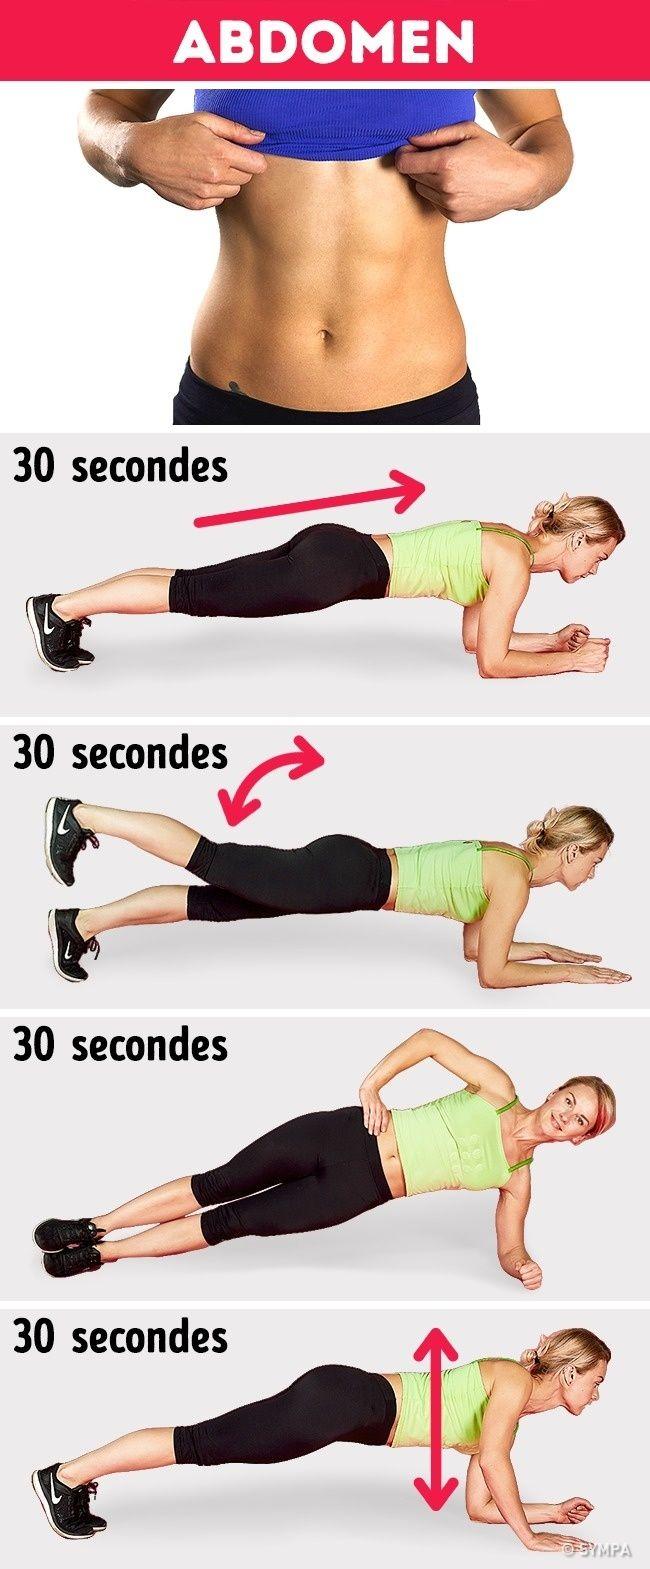 9 Exercices Abdos Pour Avoir Un Ventre Plat Rapidement Comment Faire Des Abdos Exercices De Fitness Exercice